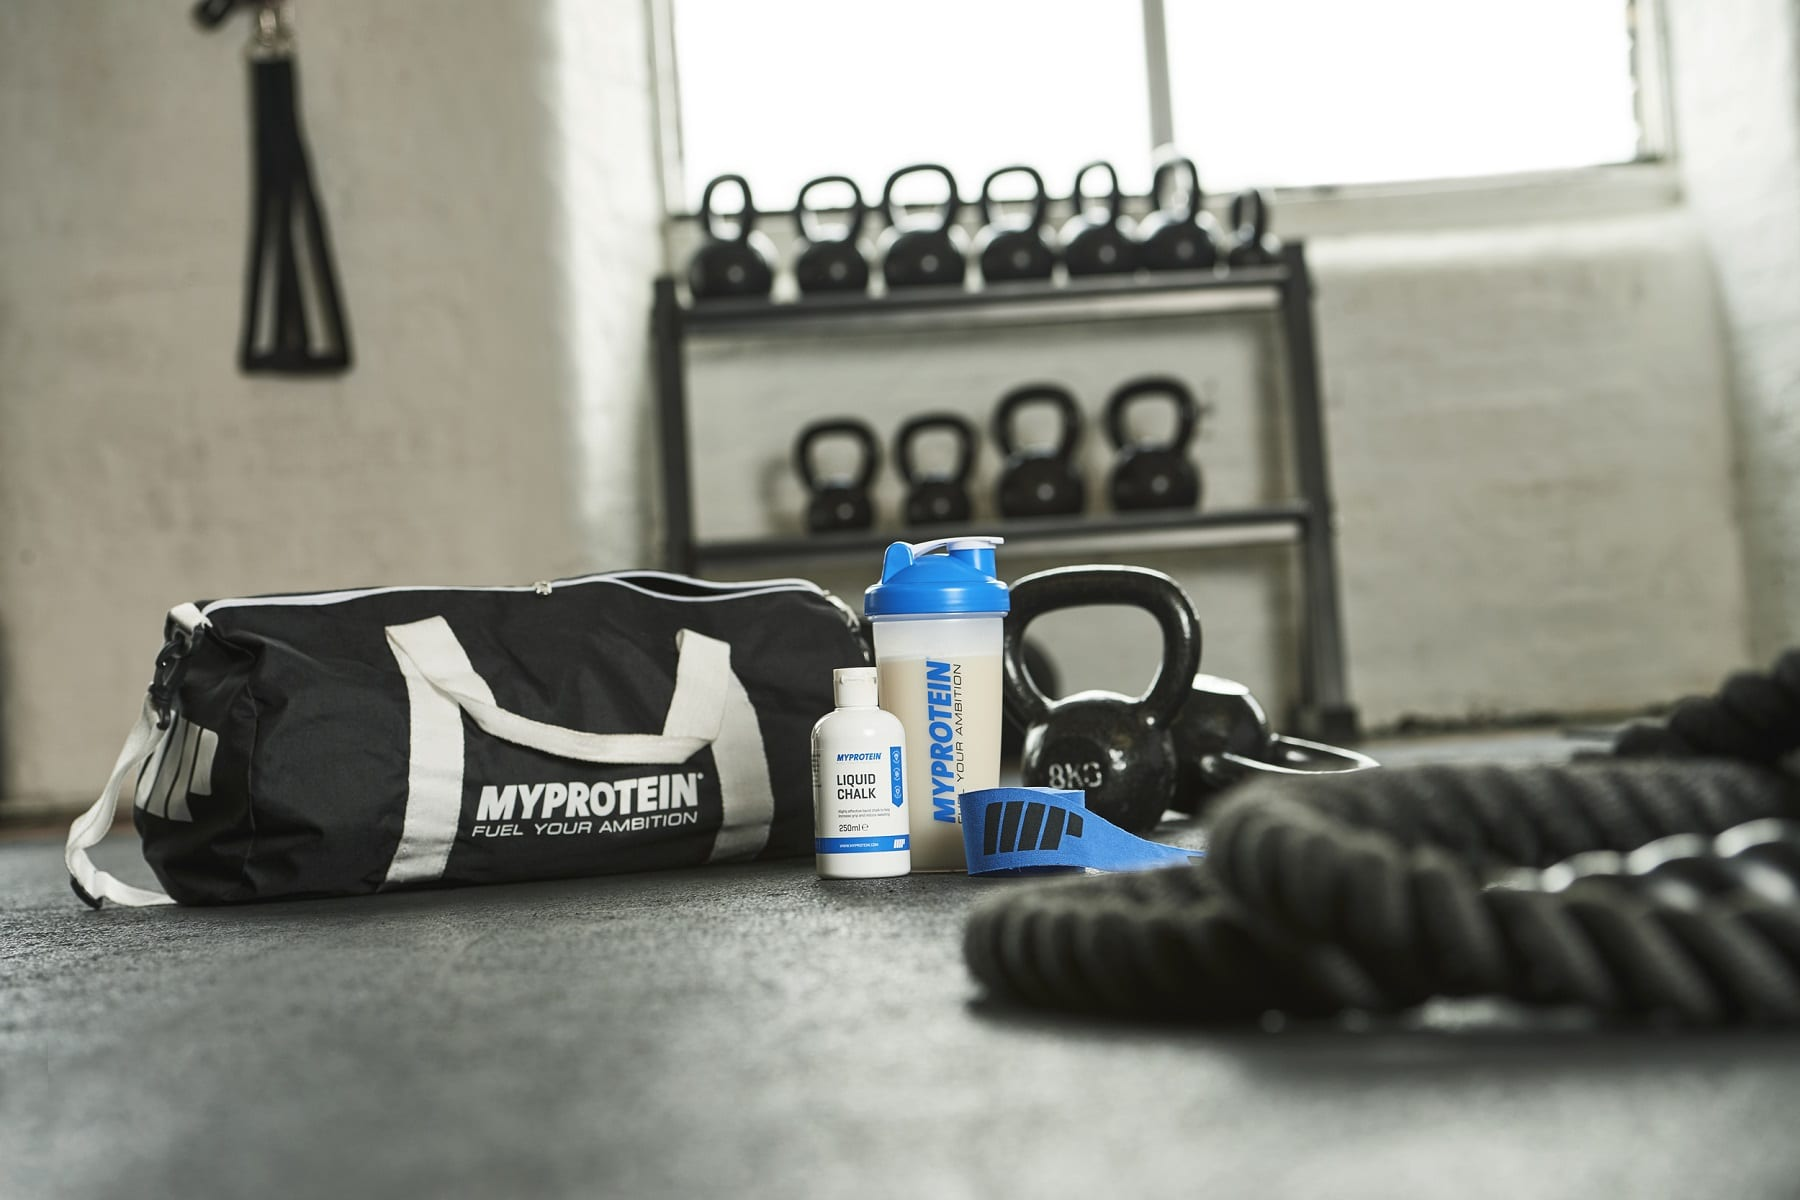 supplemente und equipment für cross fit